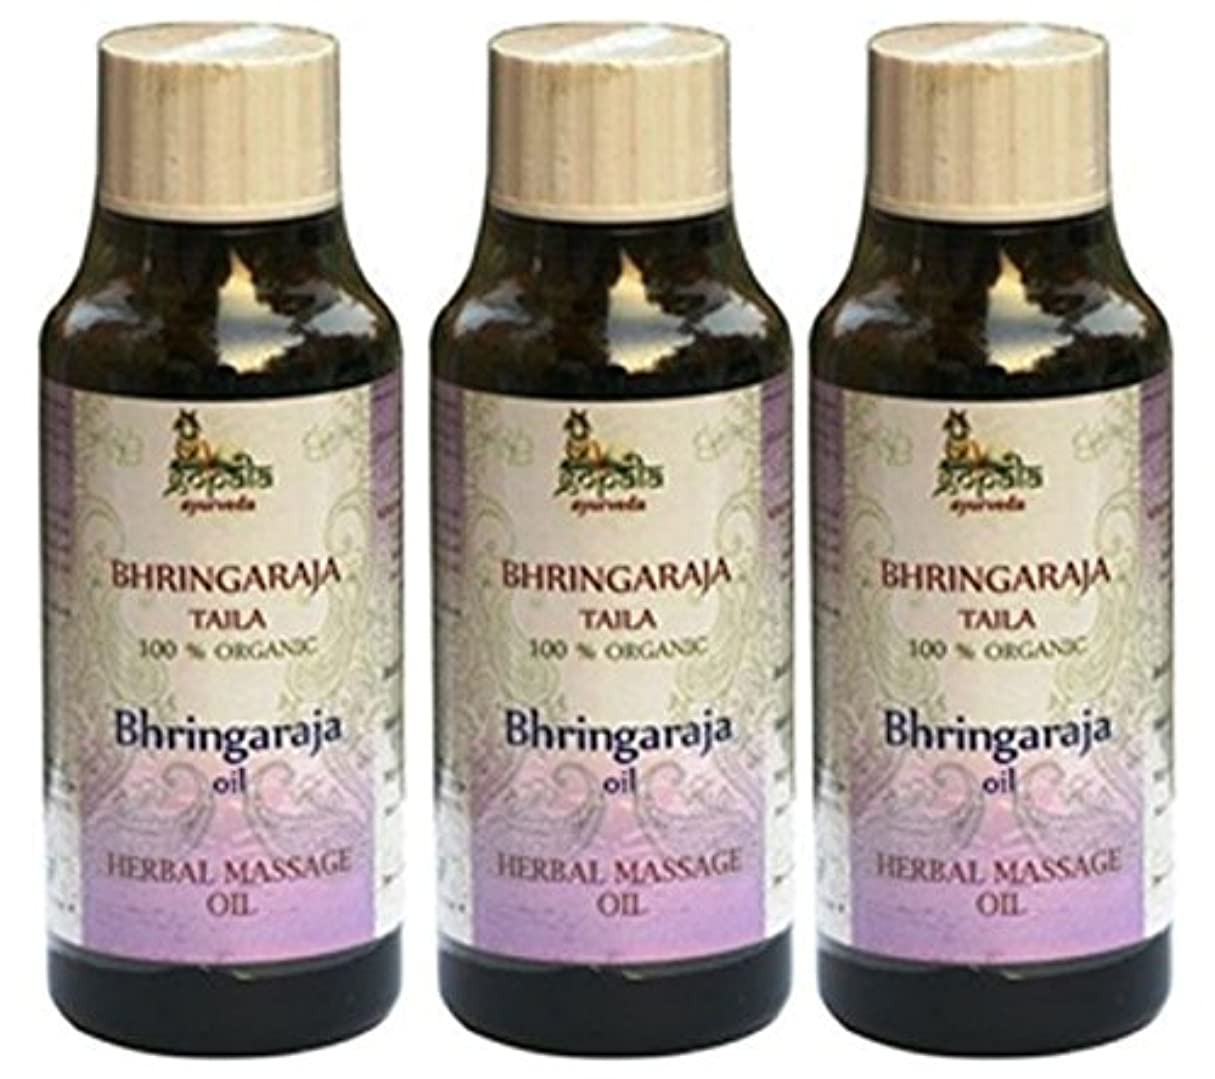 衝突するモールス信号傾向がありますBhringraja Oil - 100% USDA CERTIFIED ORGANIC - Ayurvedic Hair Massage Oil - 150ml (Pack of 3) - EXPEDITED DELIVERY